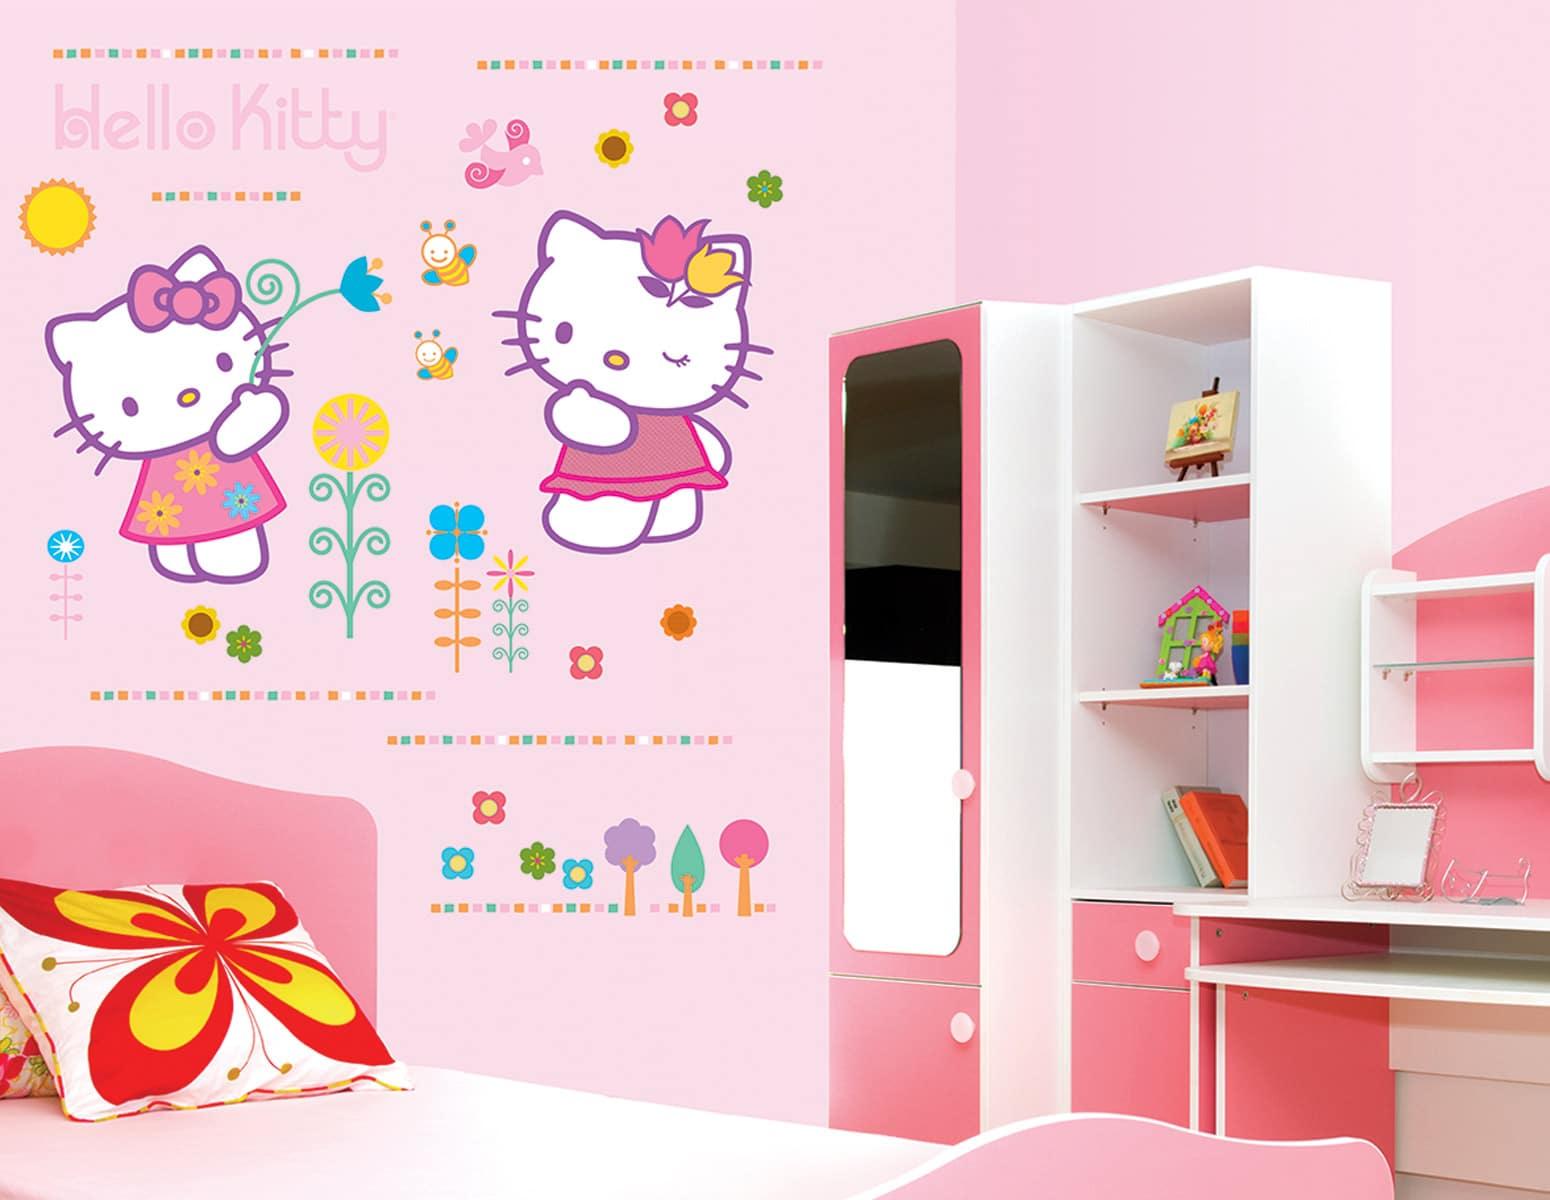 Αυτοκόλλητο Τοίχου Hello Kitty Ango 5193 – ango – ANGO_5193